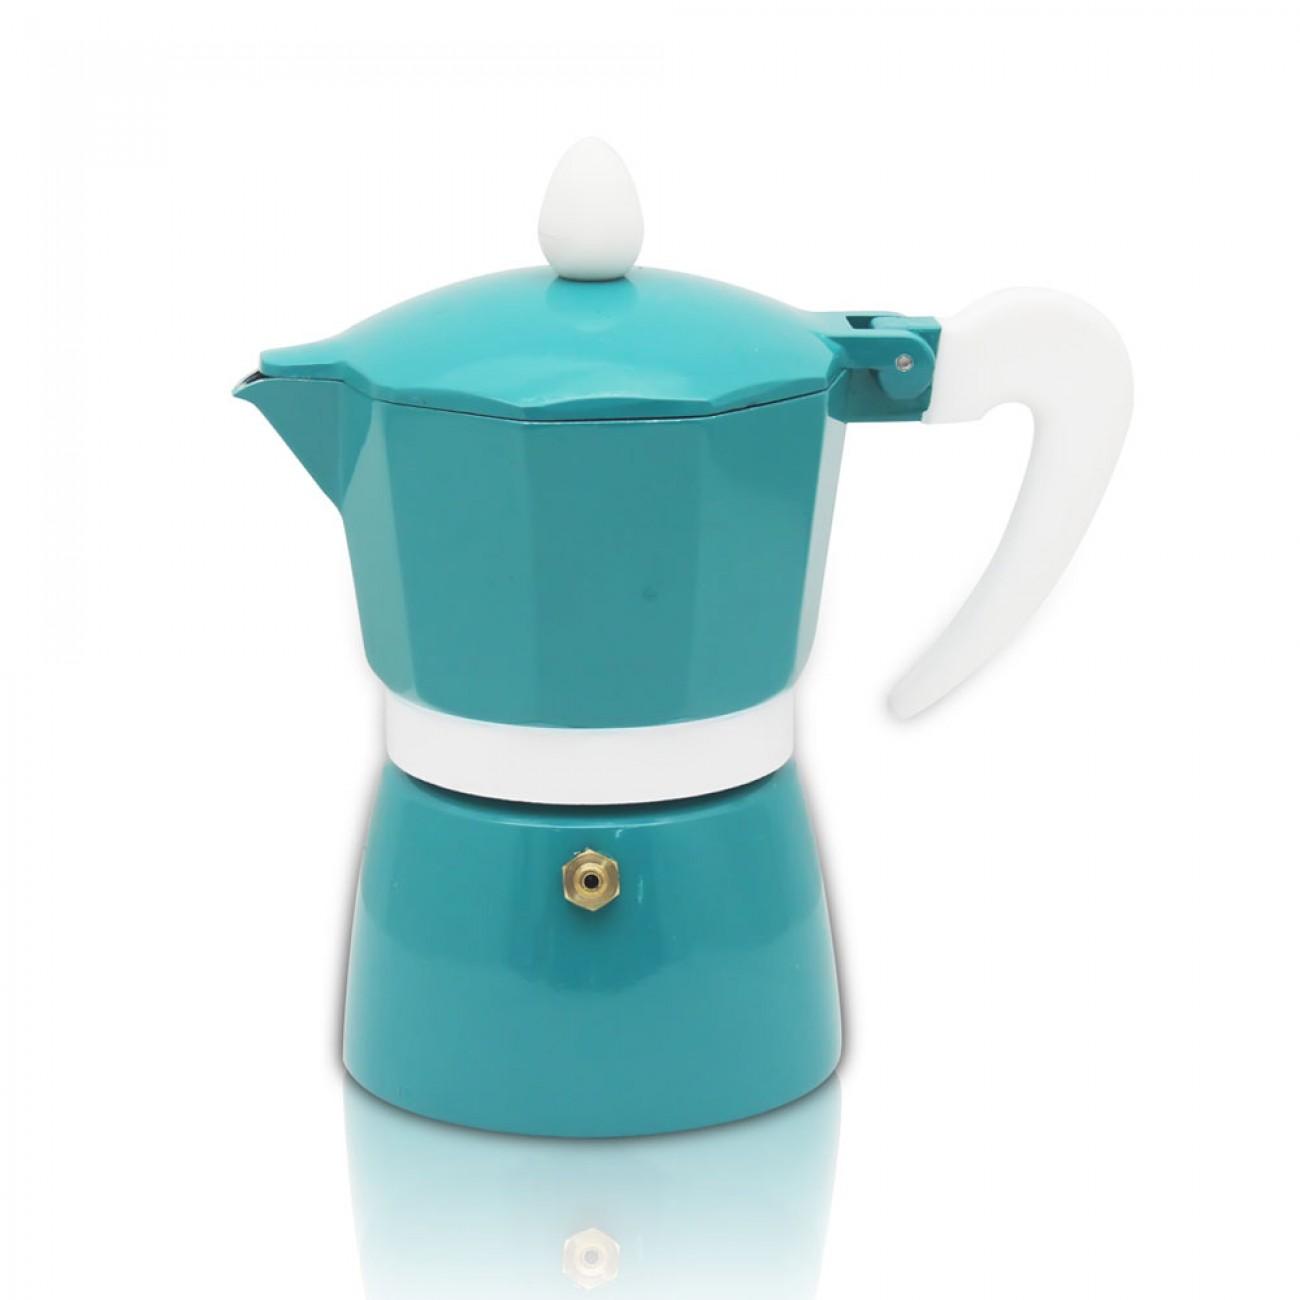 Кубинска кафеварка ZEPHYR ZP 1173 L9, 9 чаши, Топлоустойчива дръжка, Син в Кафеварки за котлон - ZEPHYR | Alleop